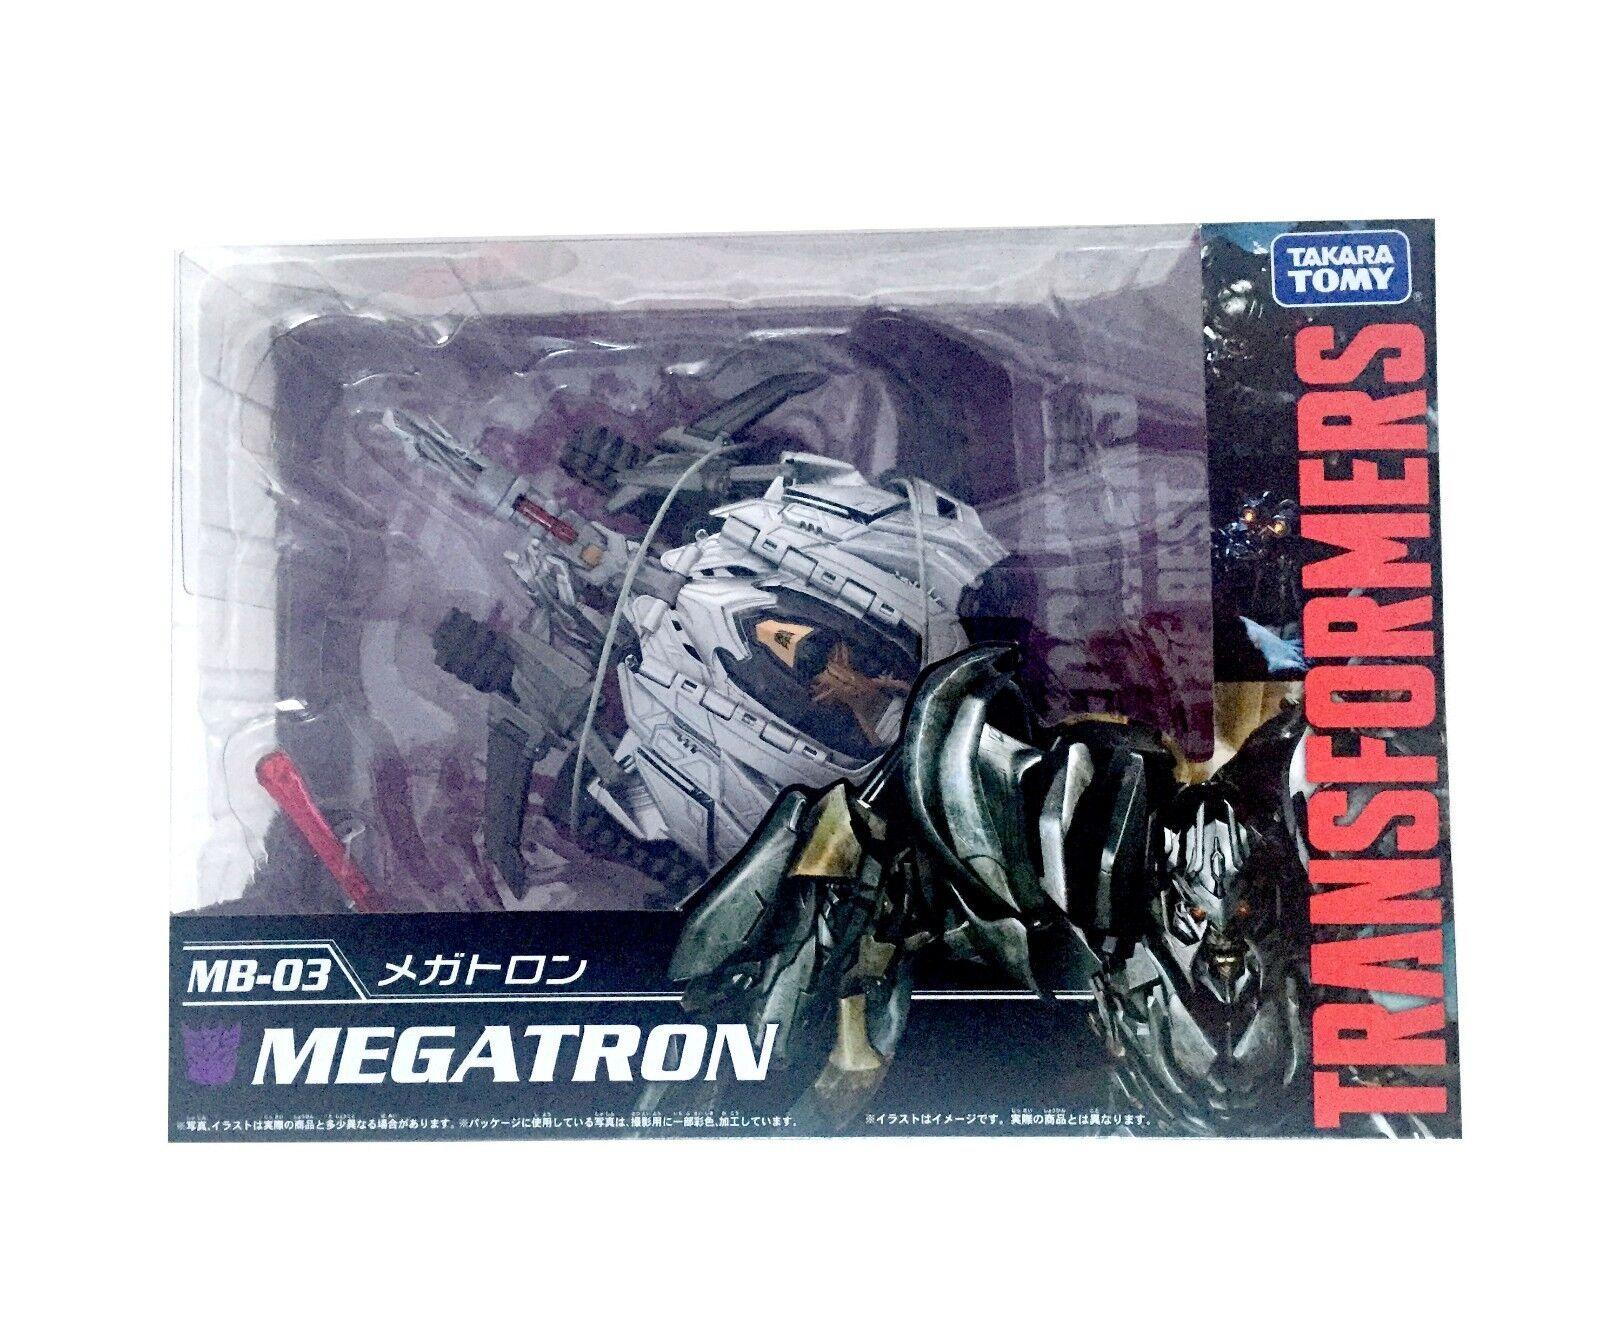 Transformers Takara Movie Best MB-03 ROTF Megatron